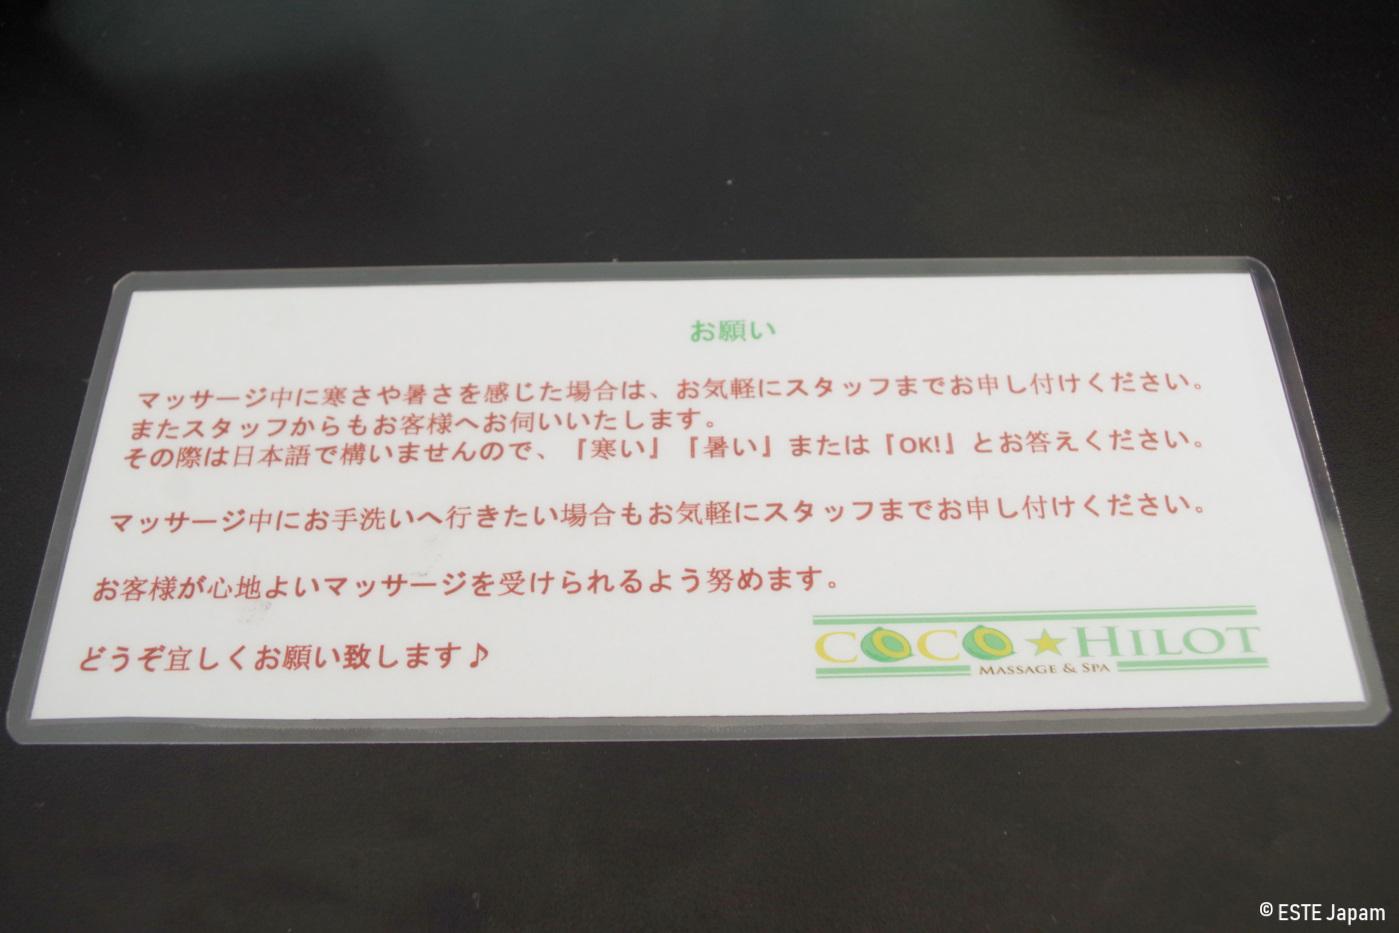 ココヒロットスパの日本語の説明